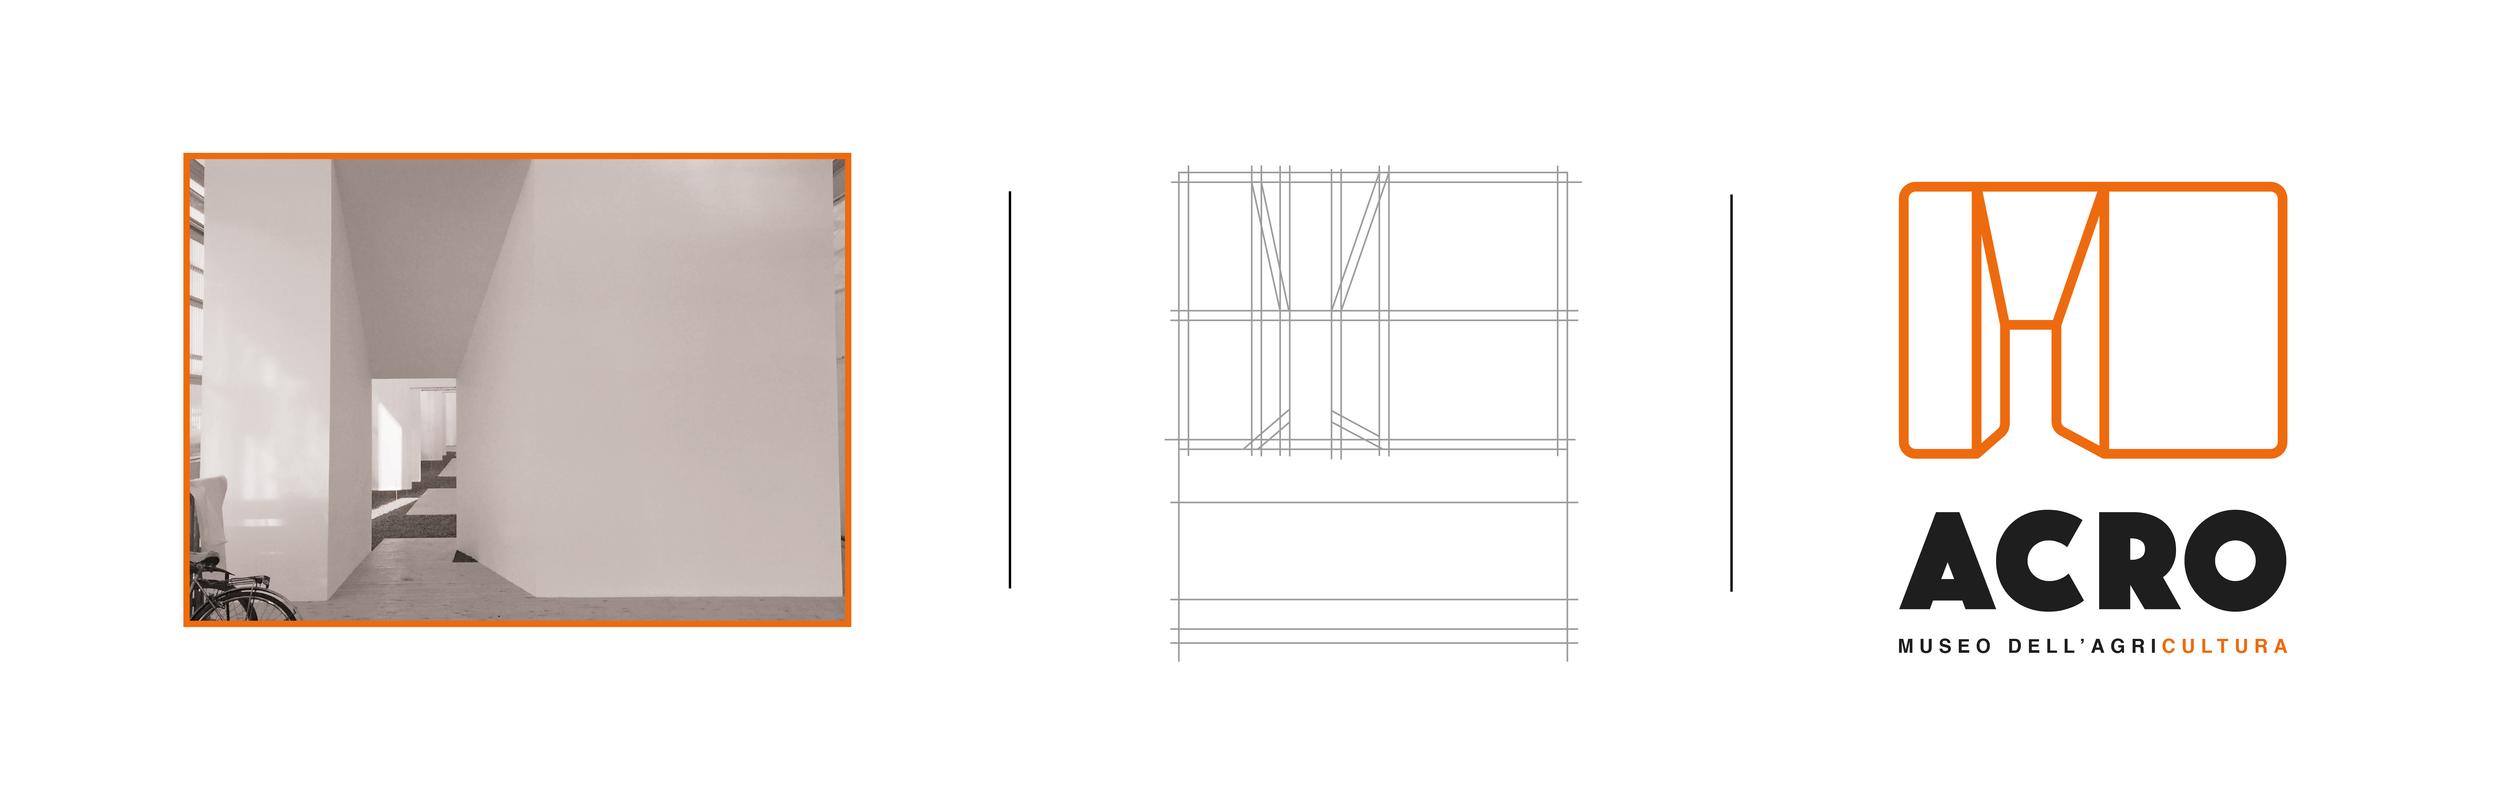 acro costruzione logo-01.png